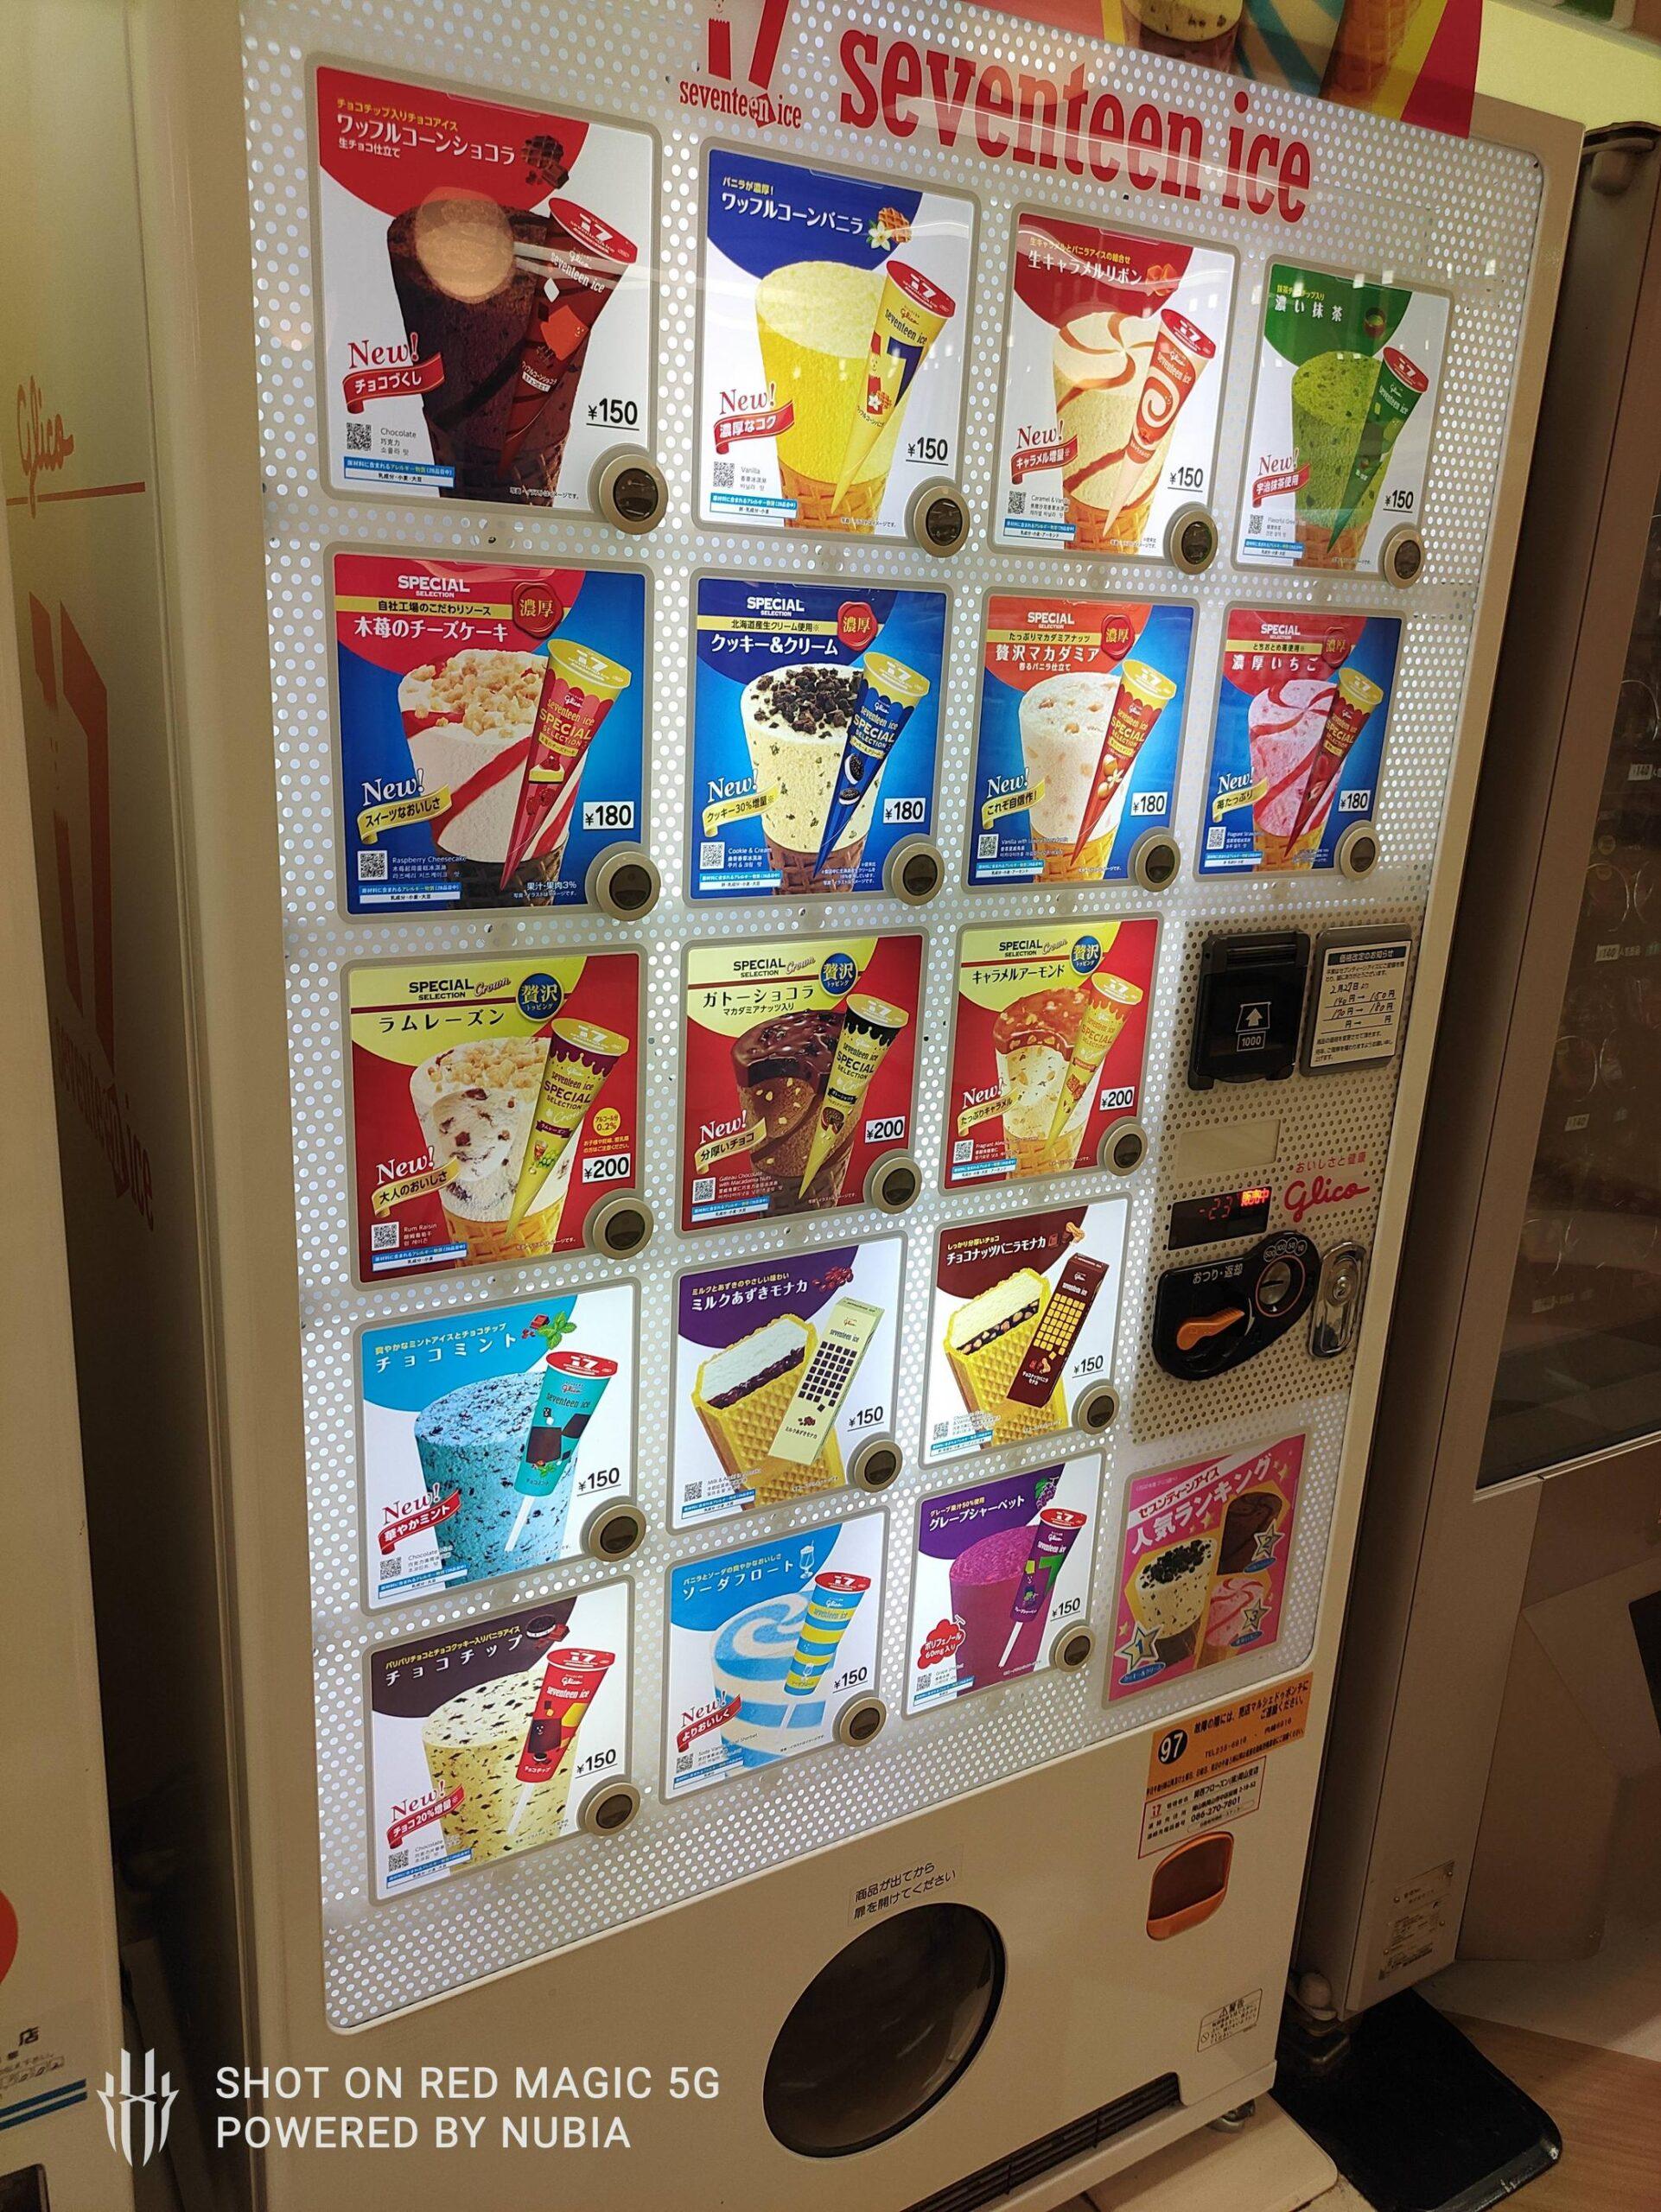 【画像】アイス自販機見つけたンゴwuwuwuw物